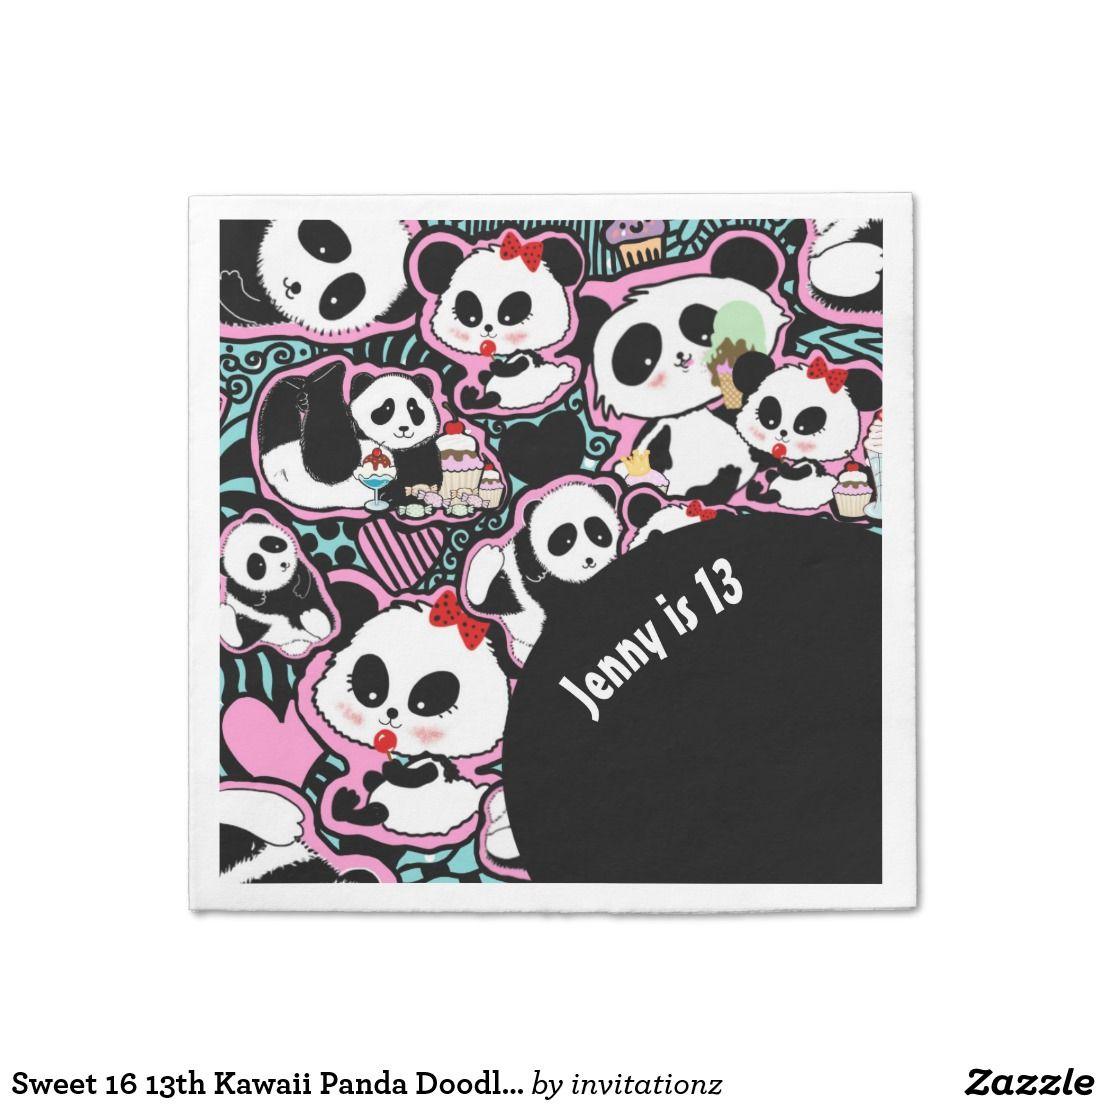 Sweet 16 13th Kawaii Panda Doodle Partyware